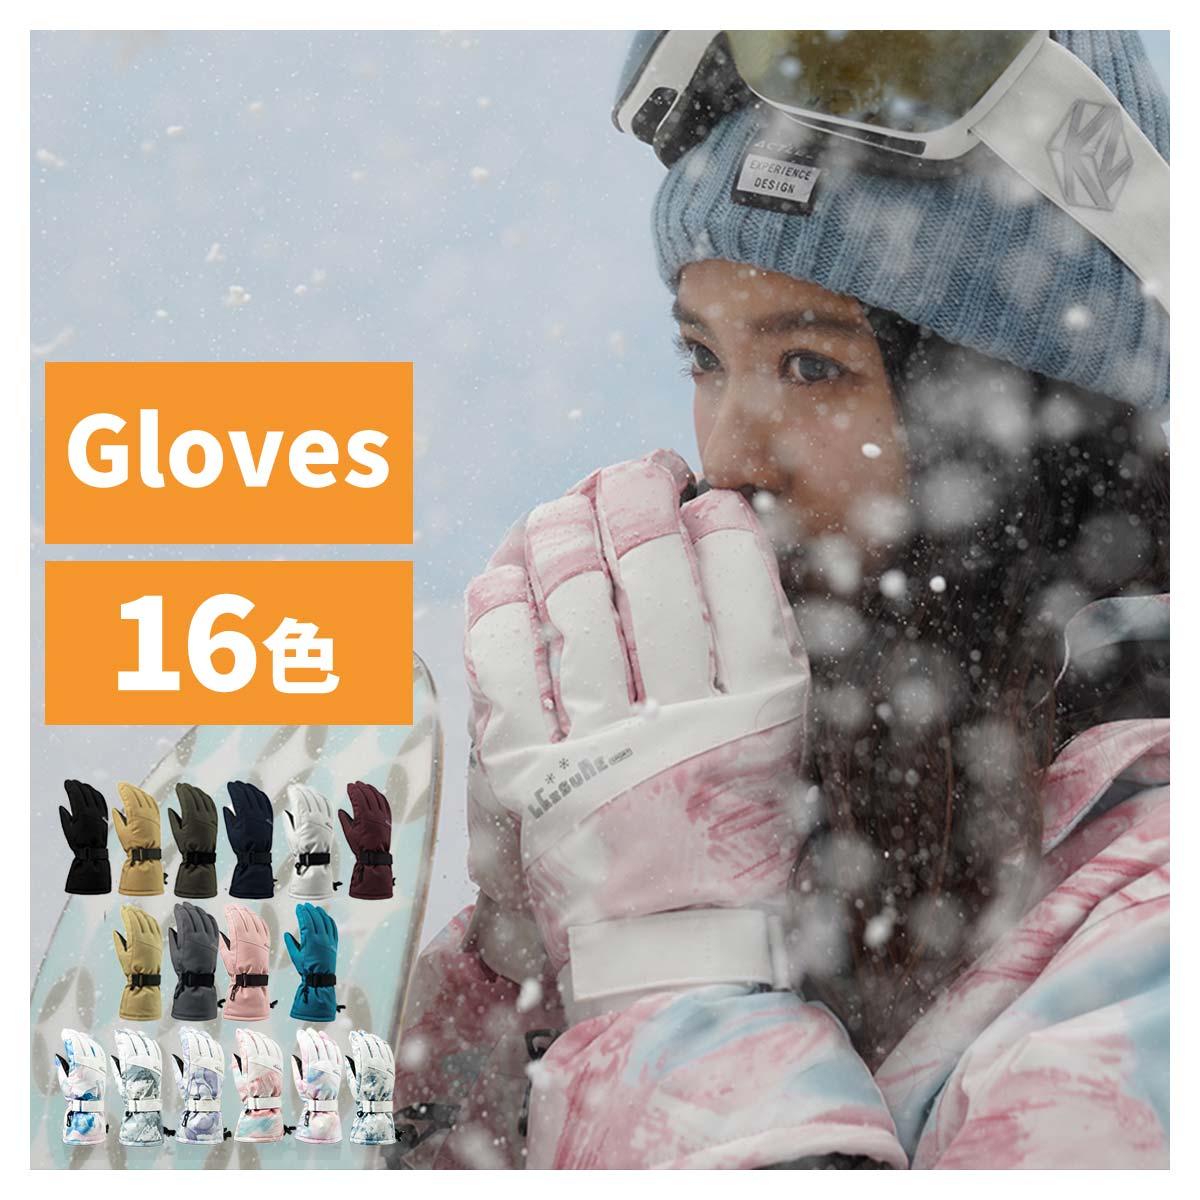 毎日発送!年中無休! スノーボード スキー グローブ 全10色 スノーボードグローブ スキーグローブ レディース スノボー スノボーグローブ スノーグローブ 手袋 5本指